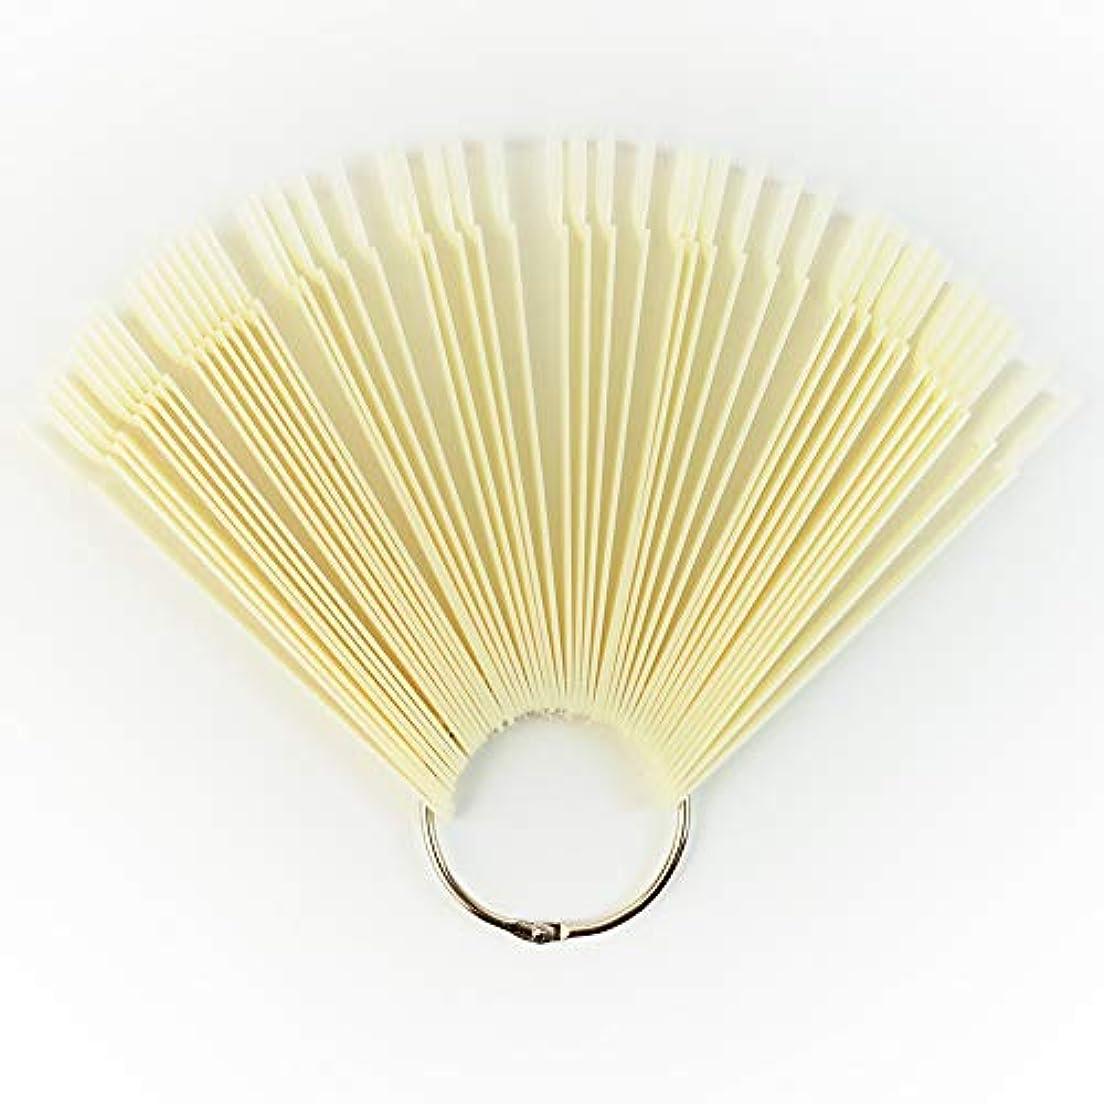 ミル容疑者ライトニングメーリンドス ネイルサロンネイルアートツール ネイルチップスティックチップ プロネイリストカラーチャートディスプレイ リングタイプ 練習用 50枚セット 5色選択可能 (ベージュ)